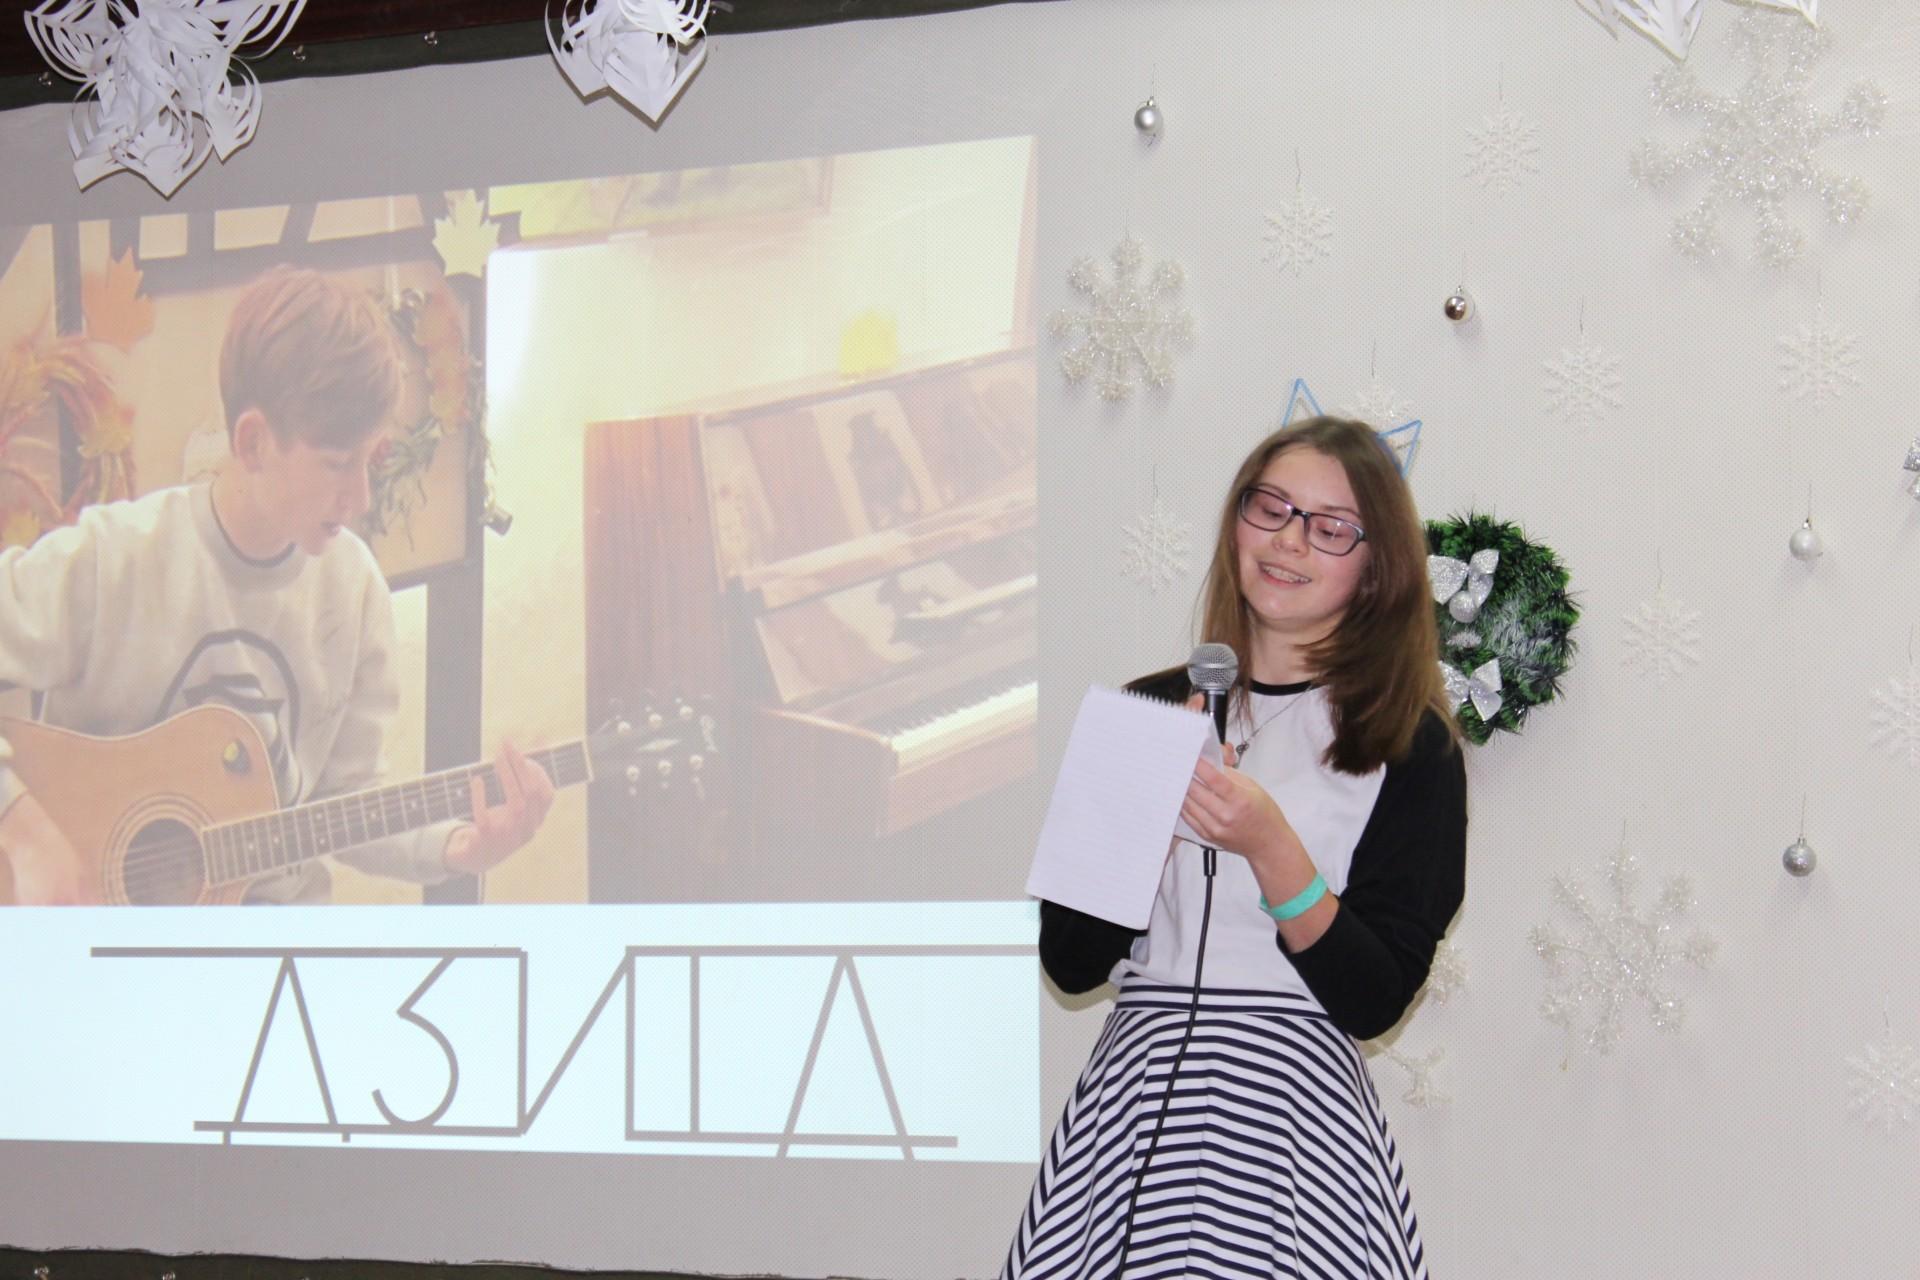 У Луцьку – літературно-акустичний вечір «Дзиґа»